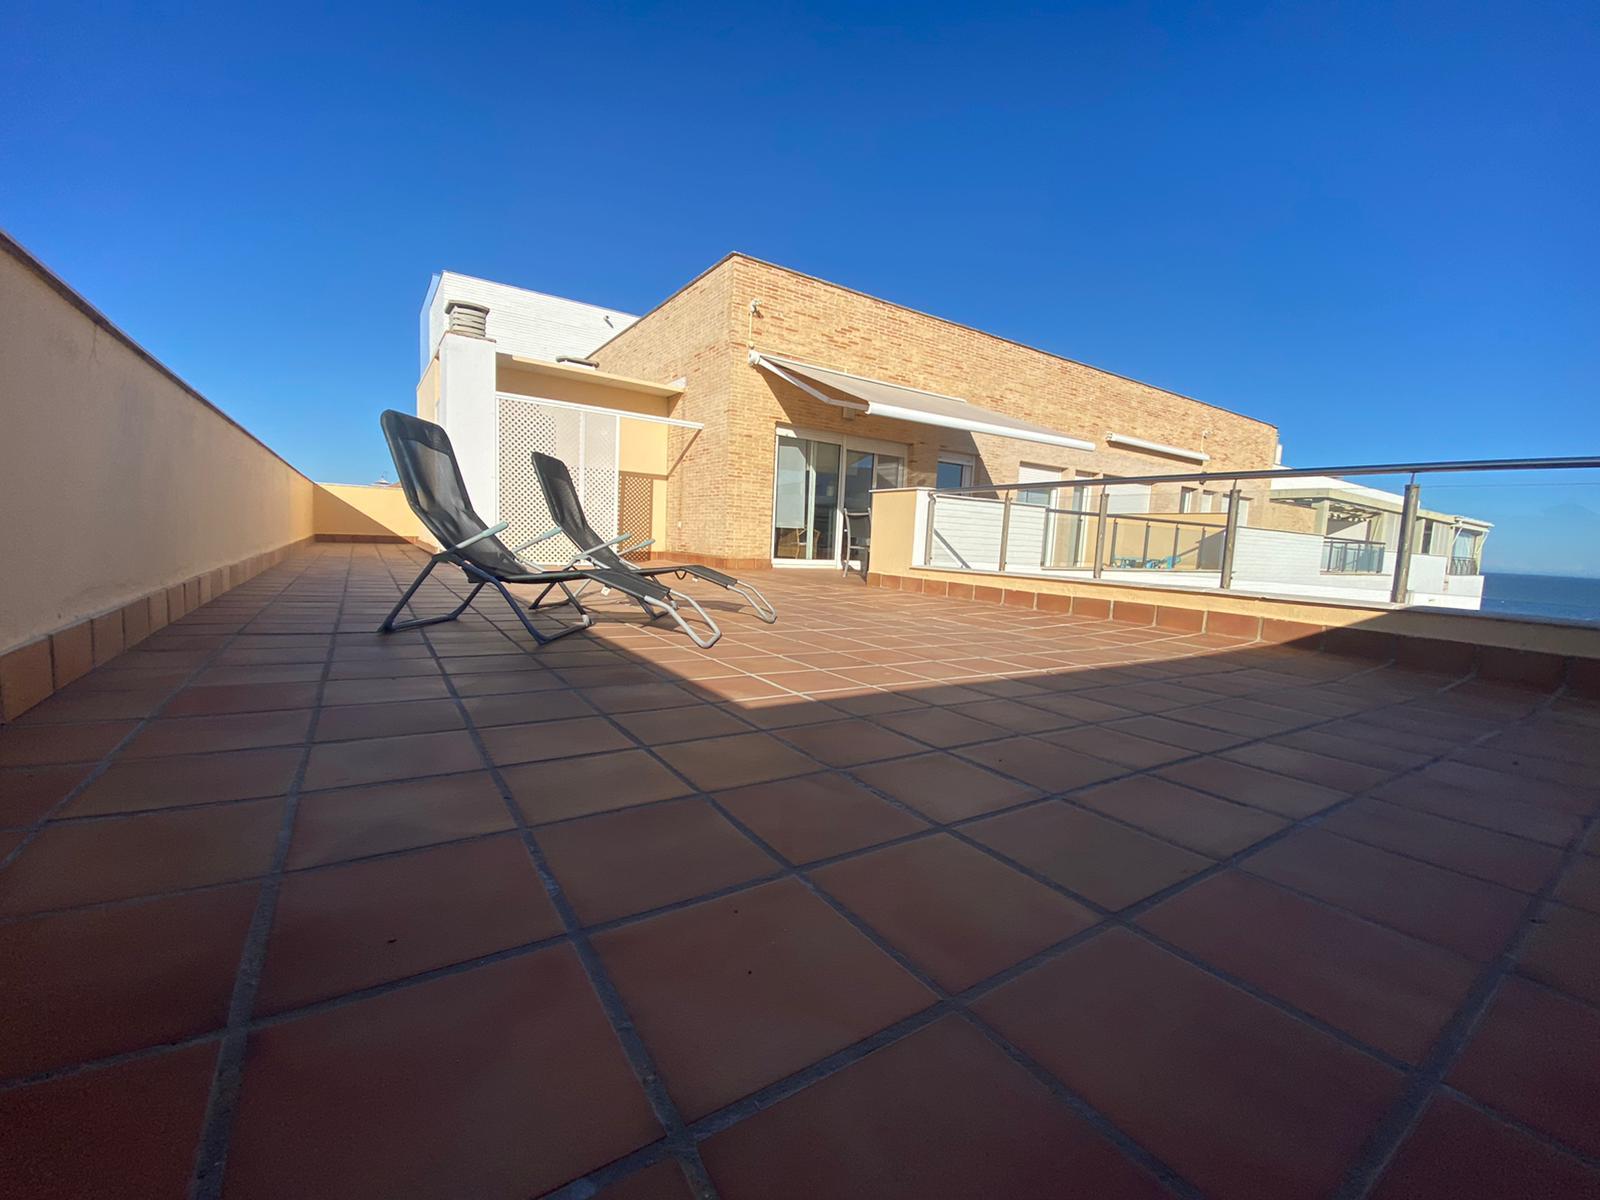 Imagen 36 del Apartamento Turístico, Ático 7 Levante (3d +2b), Punta del Moral (HUELVA), Paseo de la Cruz nº22